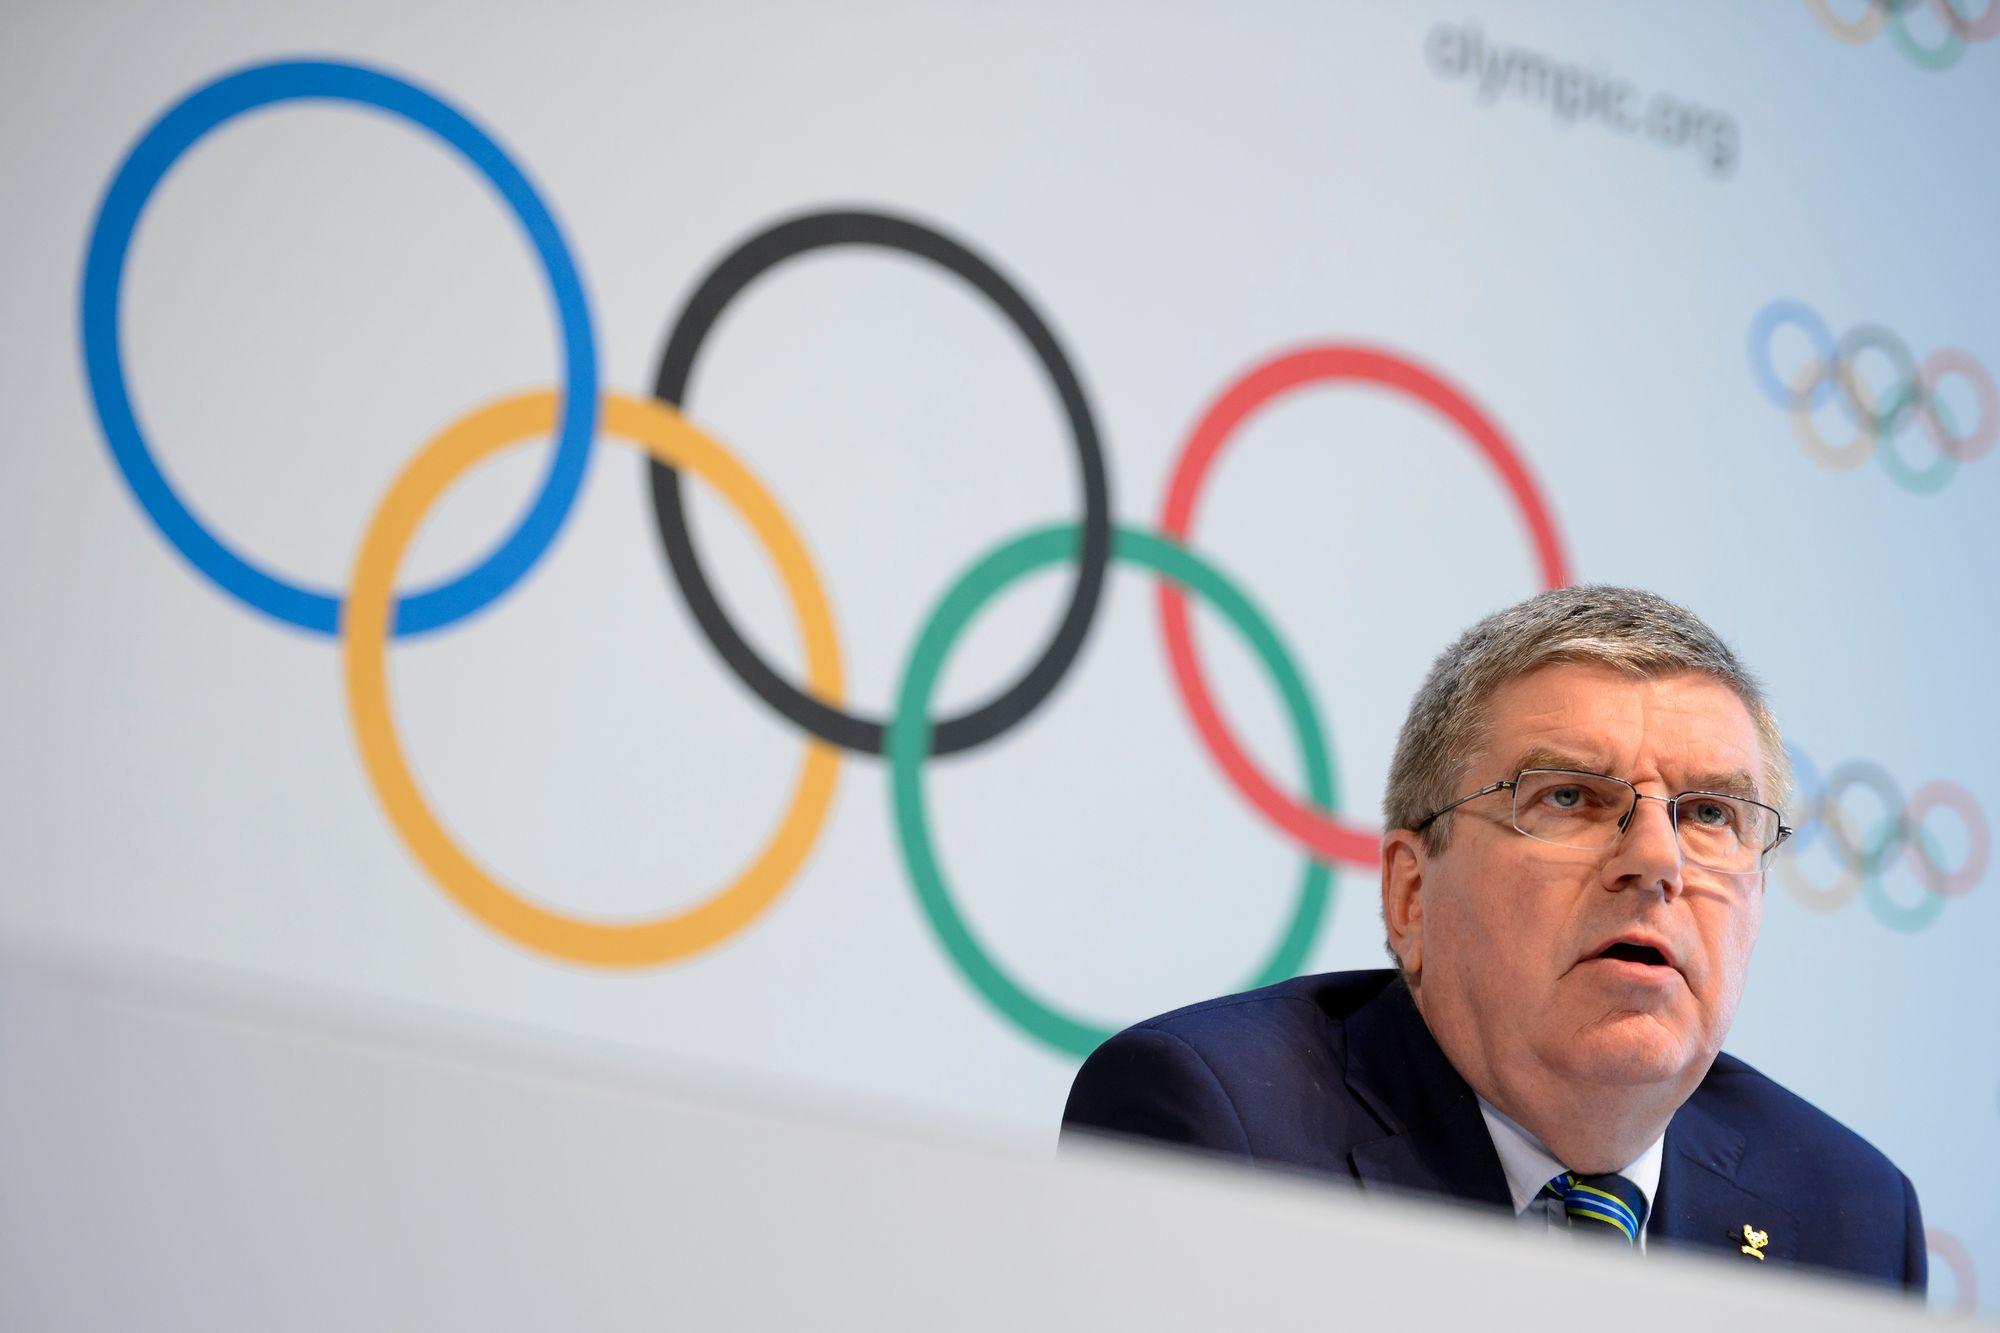 Vu de Russie. Les athlètes russes exclus des JO d'hiver ?